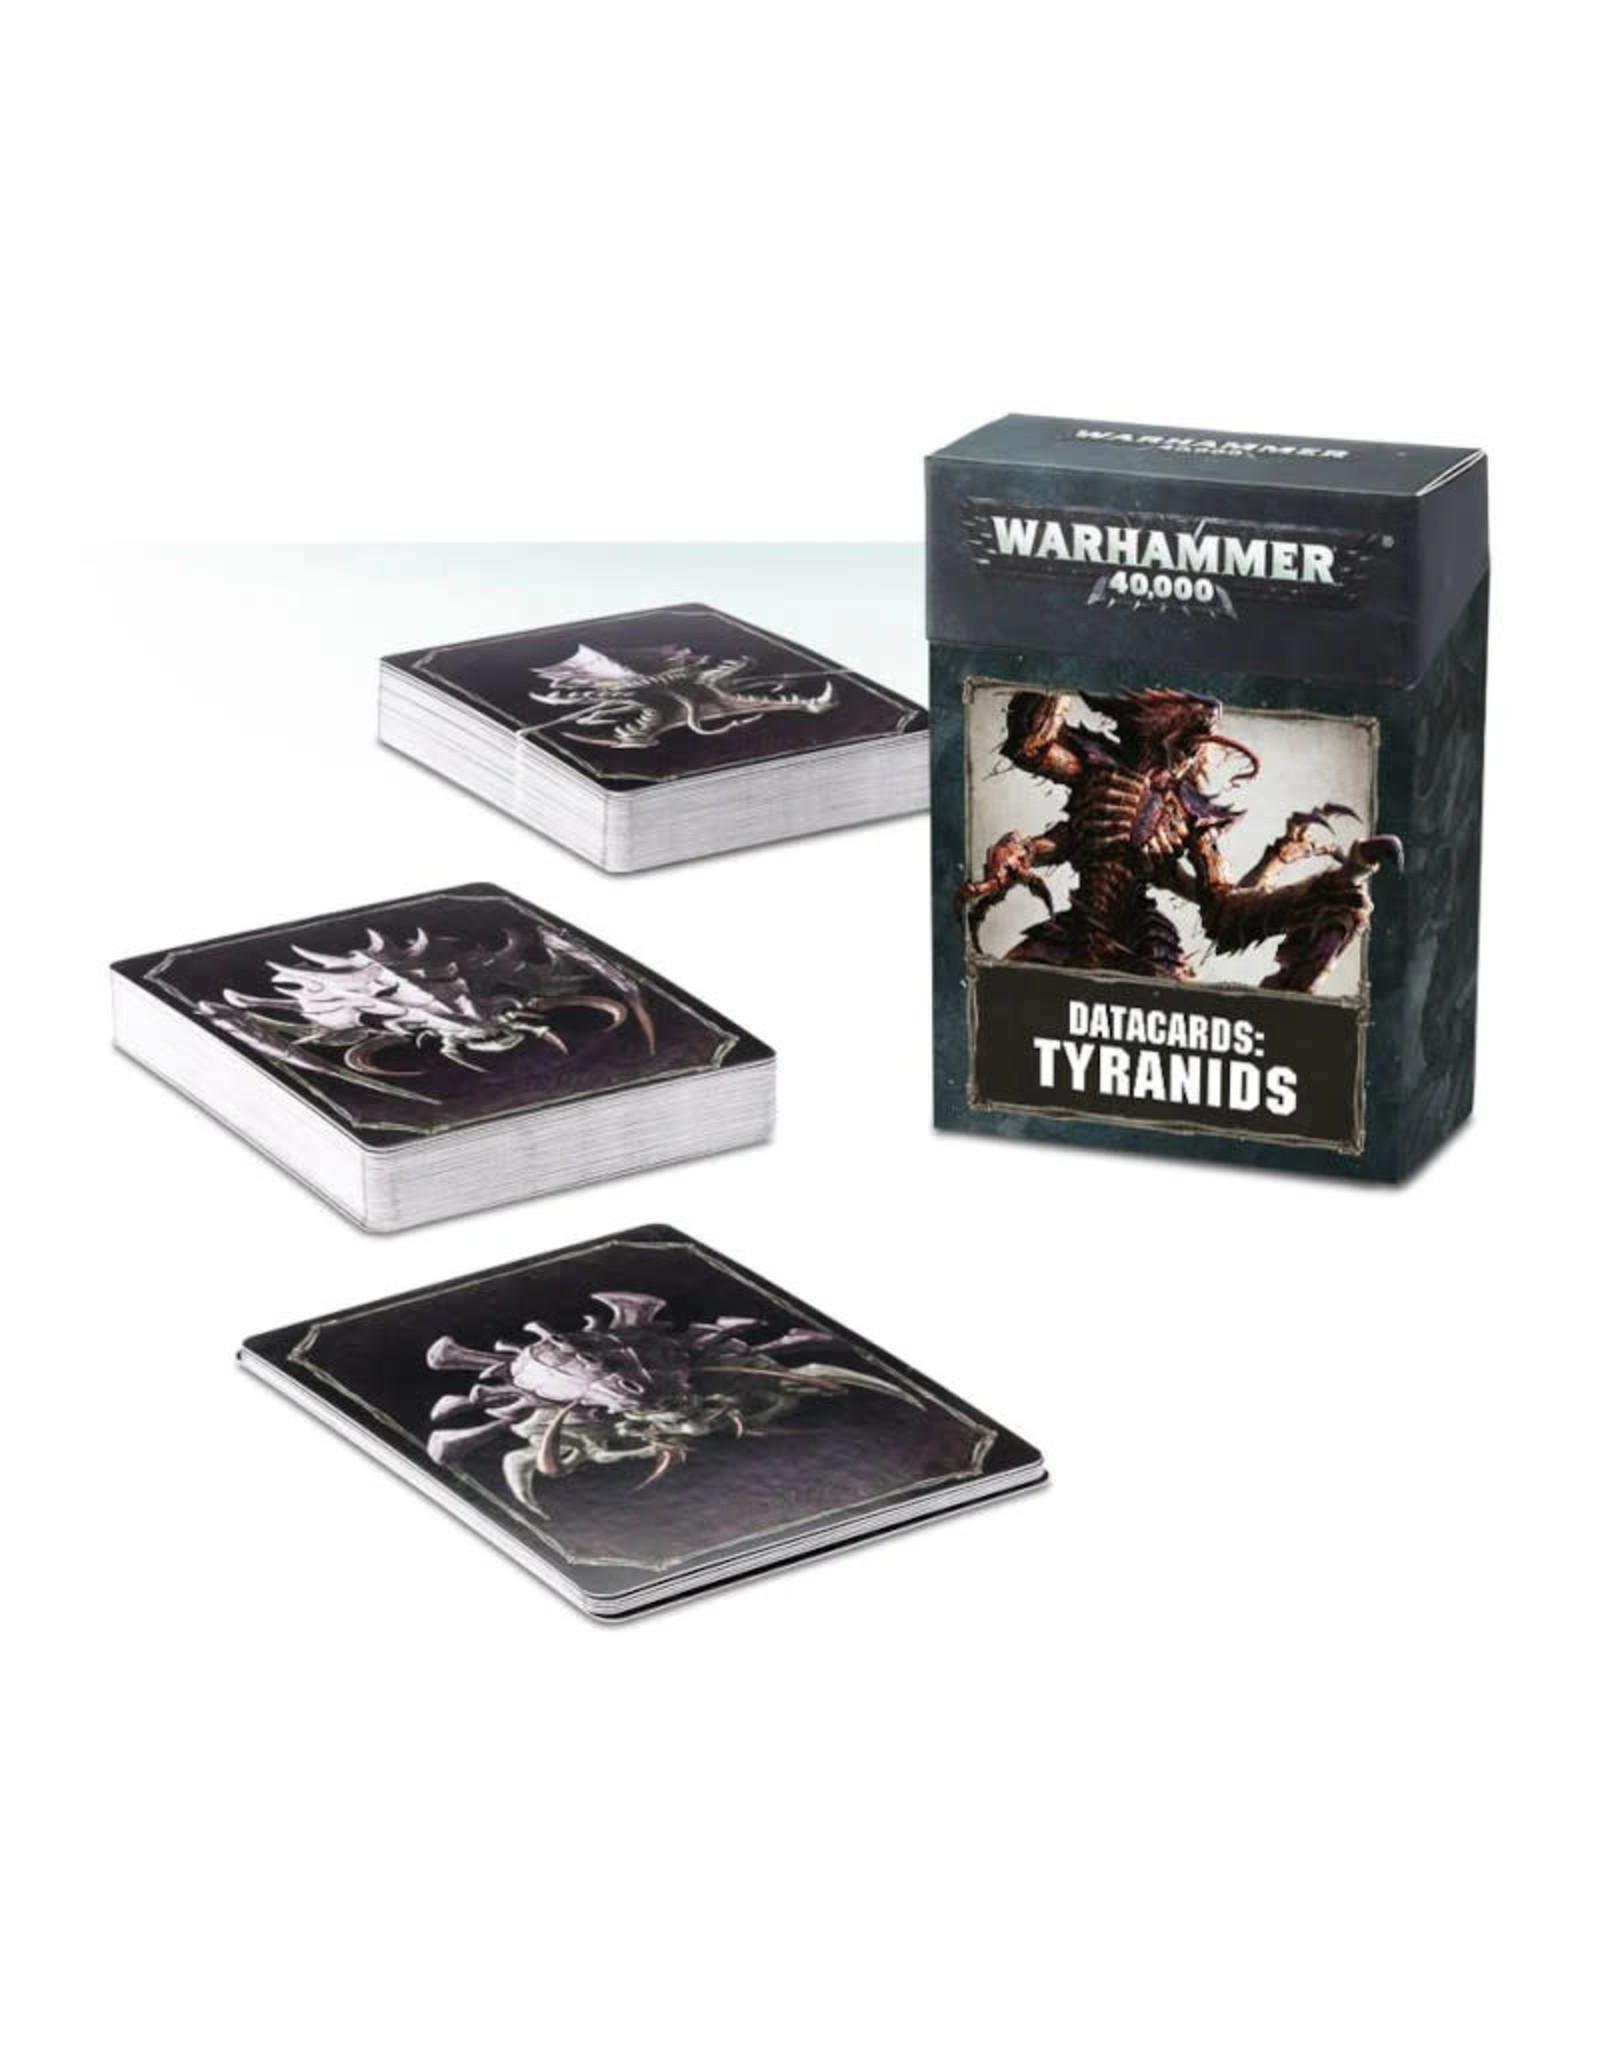 Games Workshop Warhammer 40K Datacards Tyranids (8th Edition)